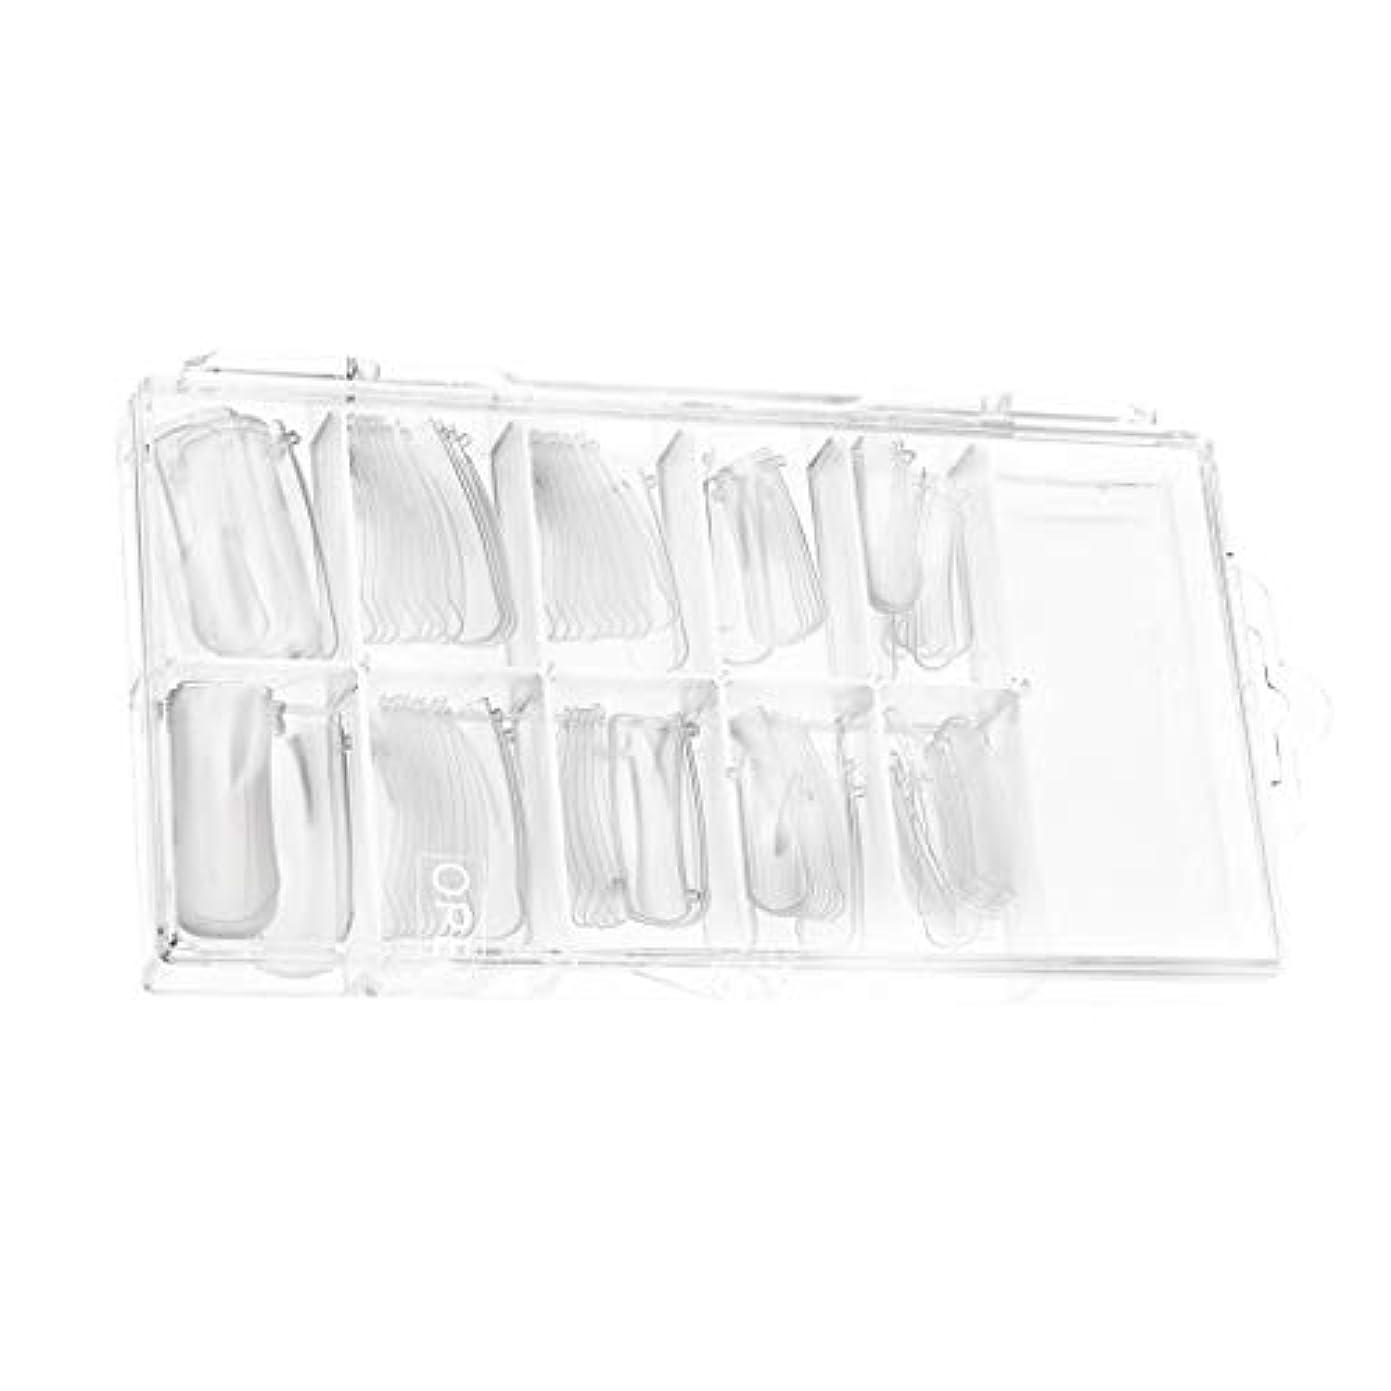 誰が郡虐待Generic たくさん100棺ネイルクリアバレリーナネイルのヒントロングフルカバーアクリルネイル個人用または業務用(クリア)用10サイズ